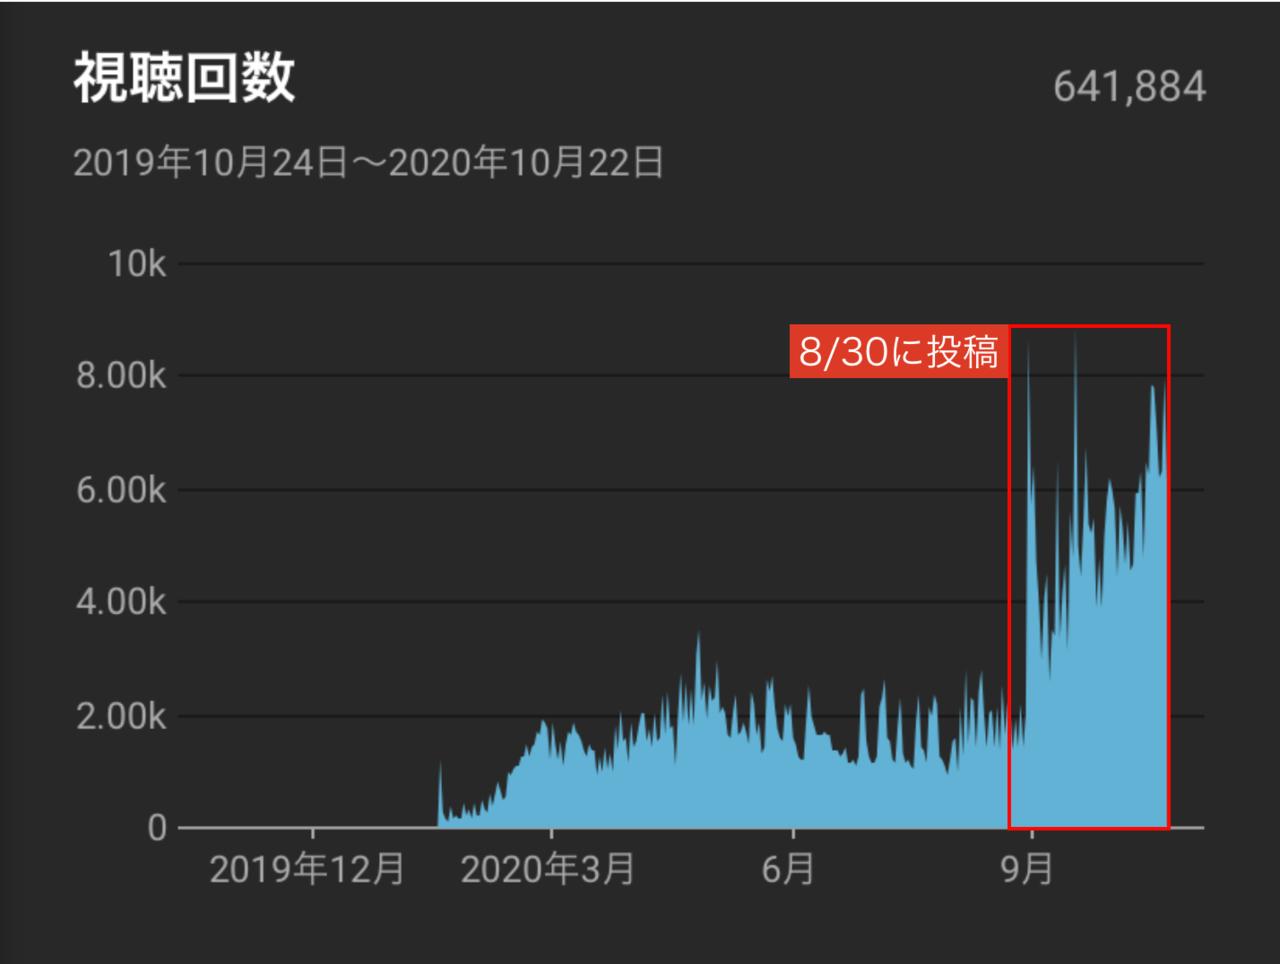 スクリーンショット 2020-10-25 9.13.59